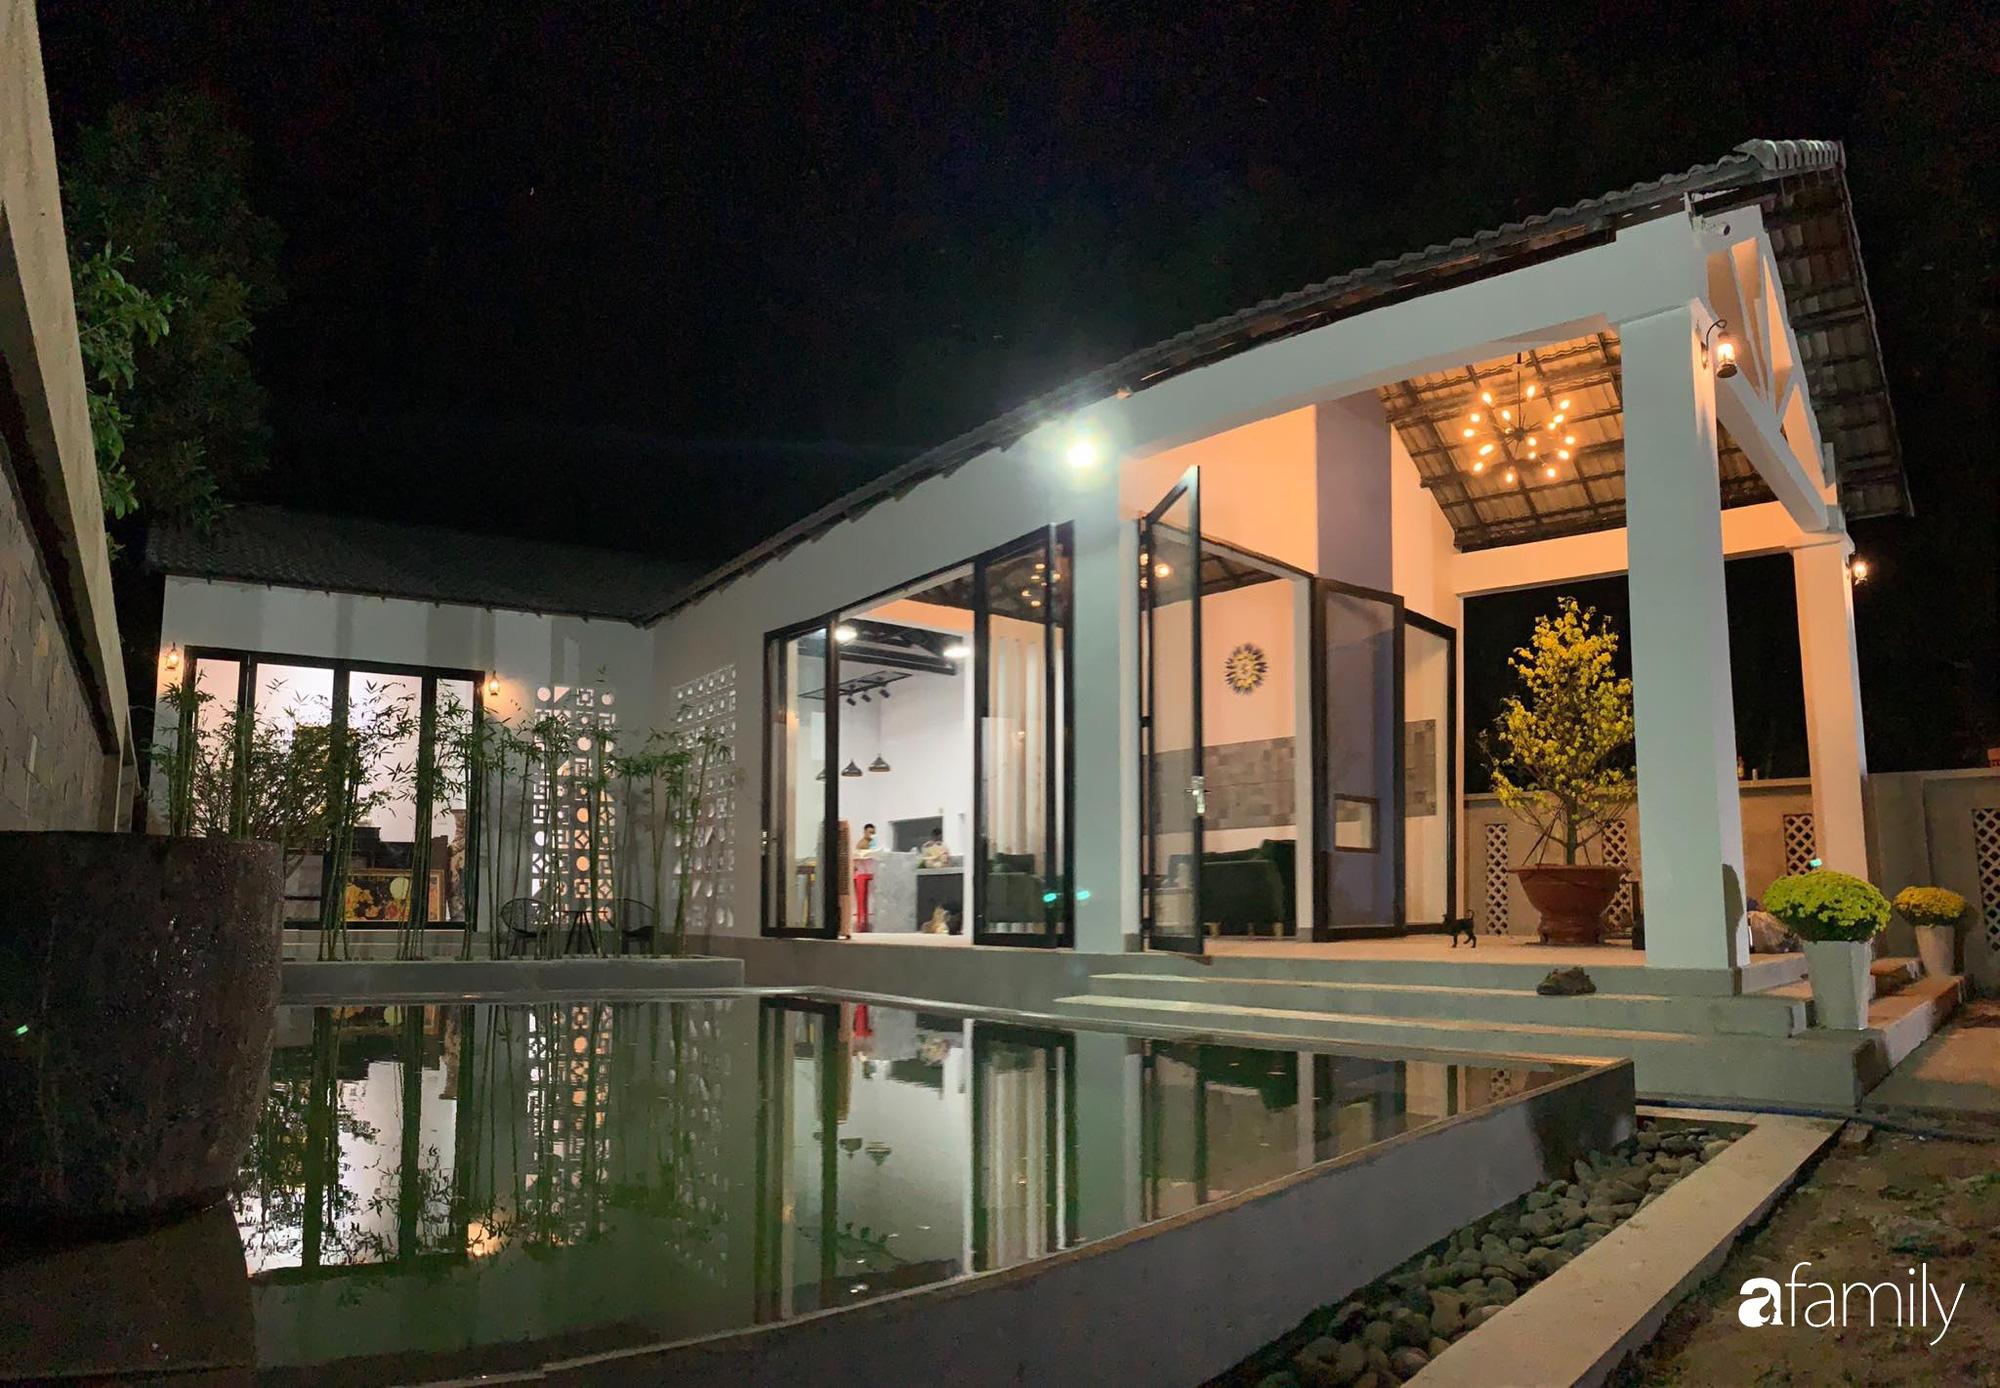 Ngôi nhà rộng 147m2 đẹp như resort củ chàng tri 24 tuổi ấp ủ hoàn thành ước mơ ở Tây Ninh - Ảnh 6.